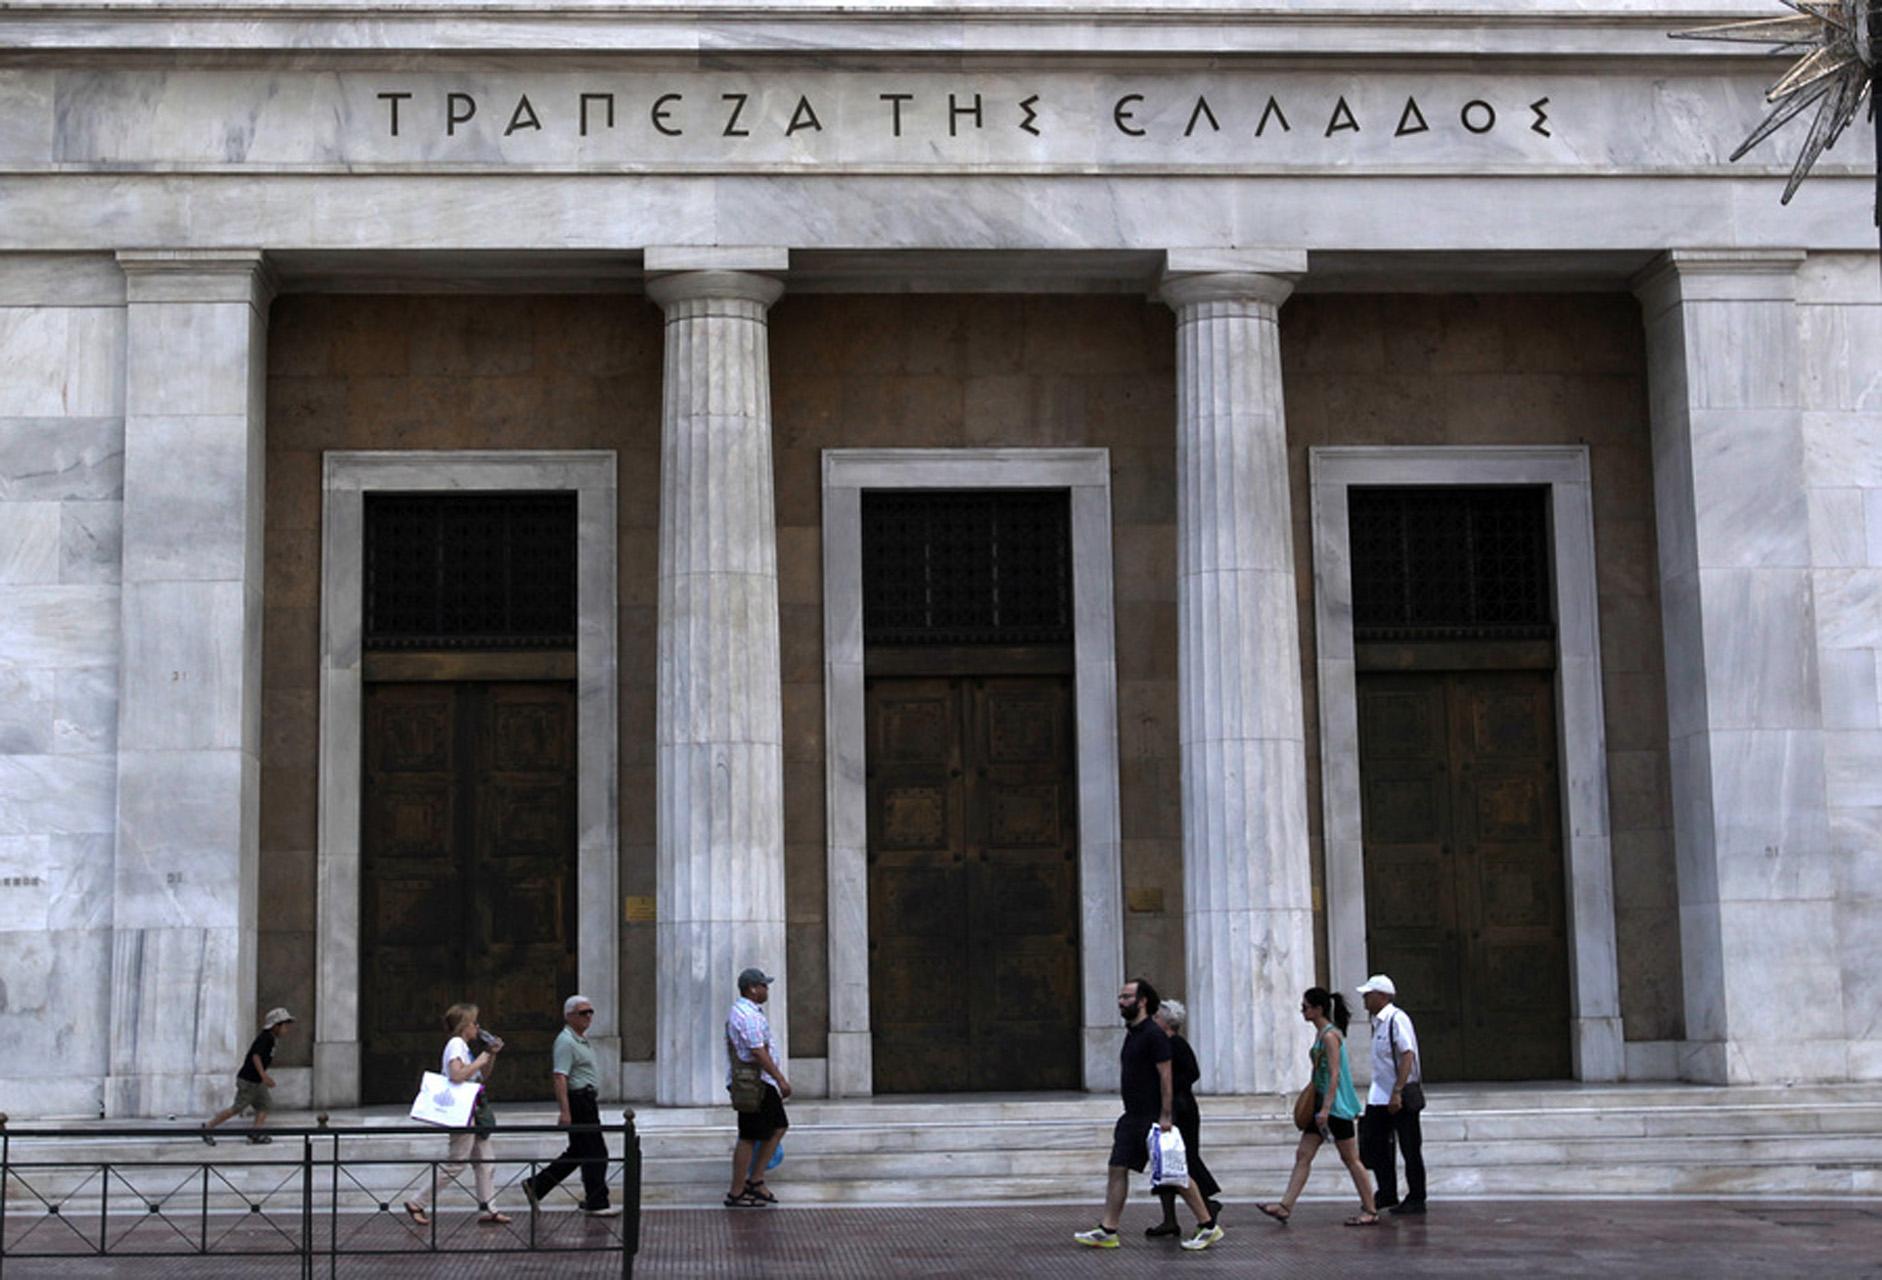 Η ΤτΕ προβλέπει αύξηση των «κόκκινων» δανείων – Εισηγείται τη δημιουργία bad bank